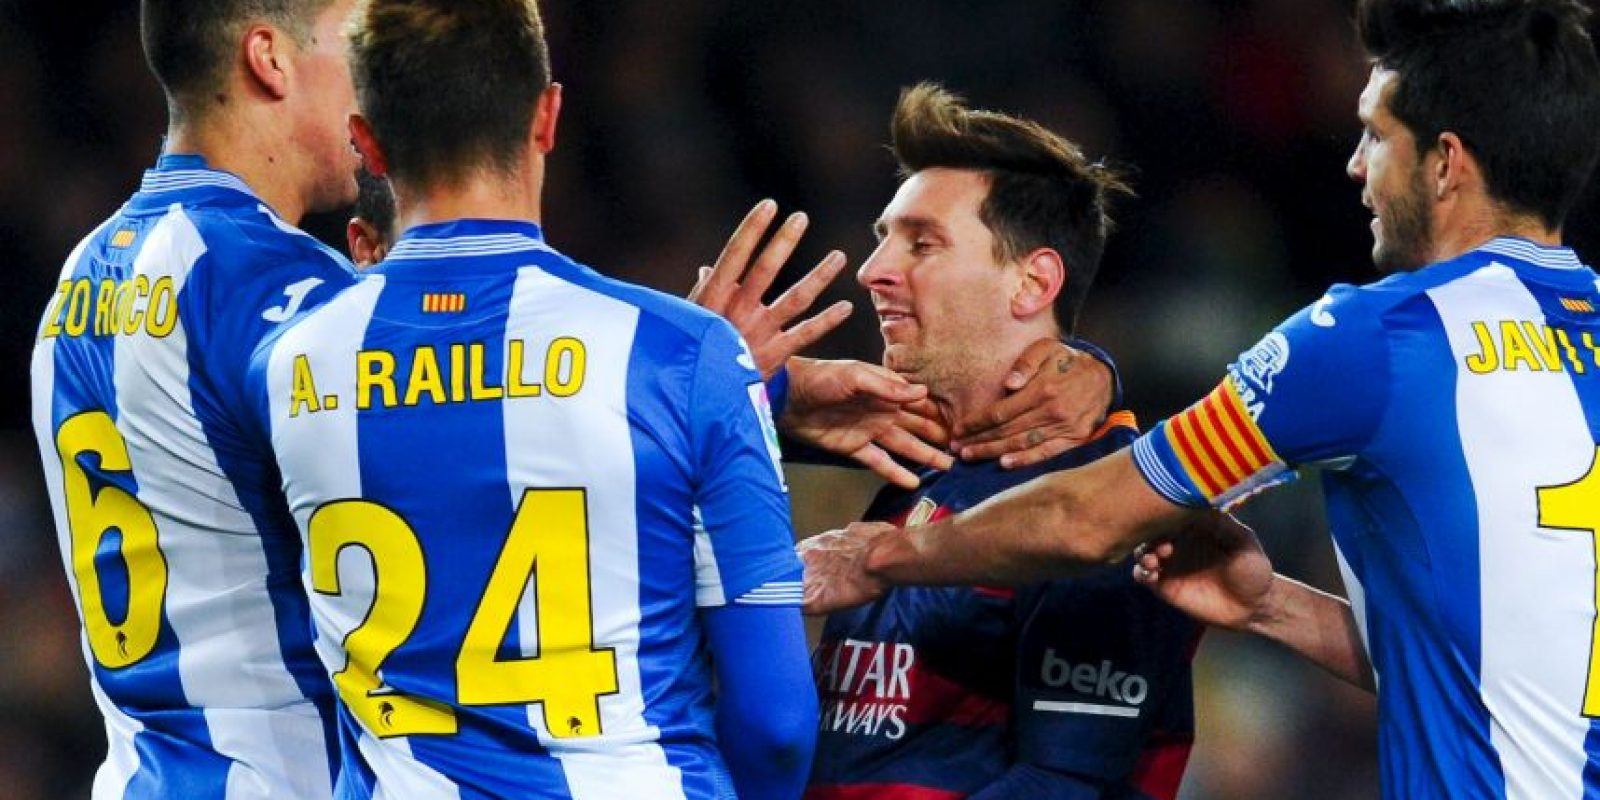 Por si fuera poco, Messi tendrá que acudir al juzgado acusado de evadir más de cuatro millones de euros Foto:Getty Images